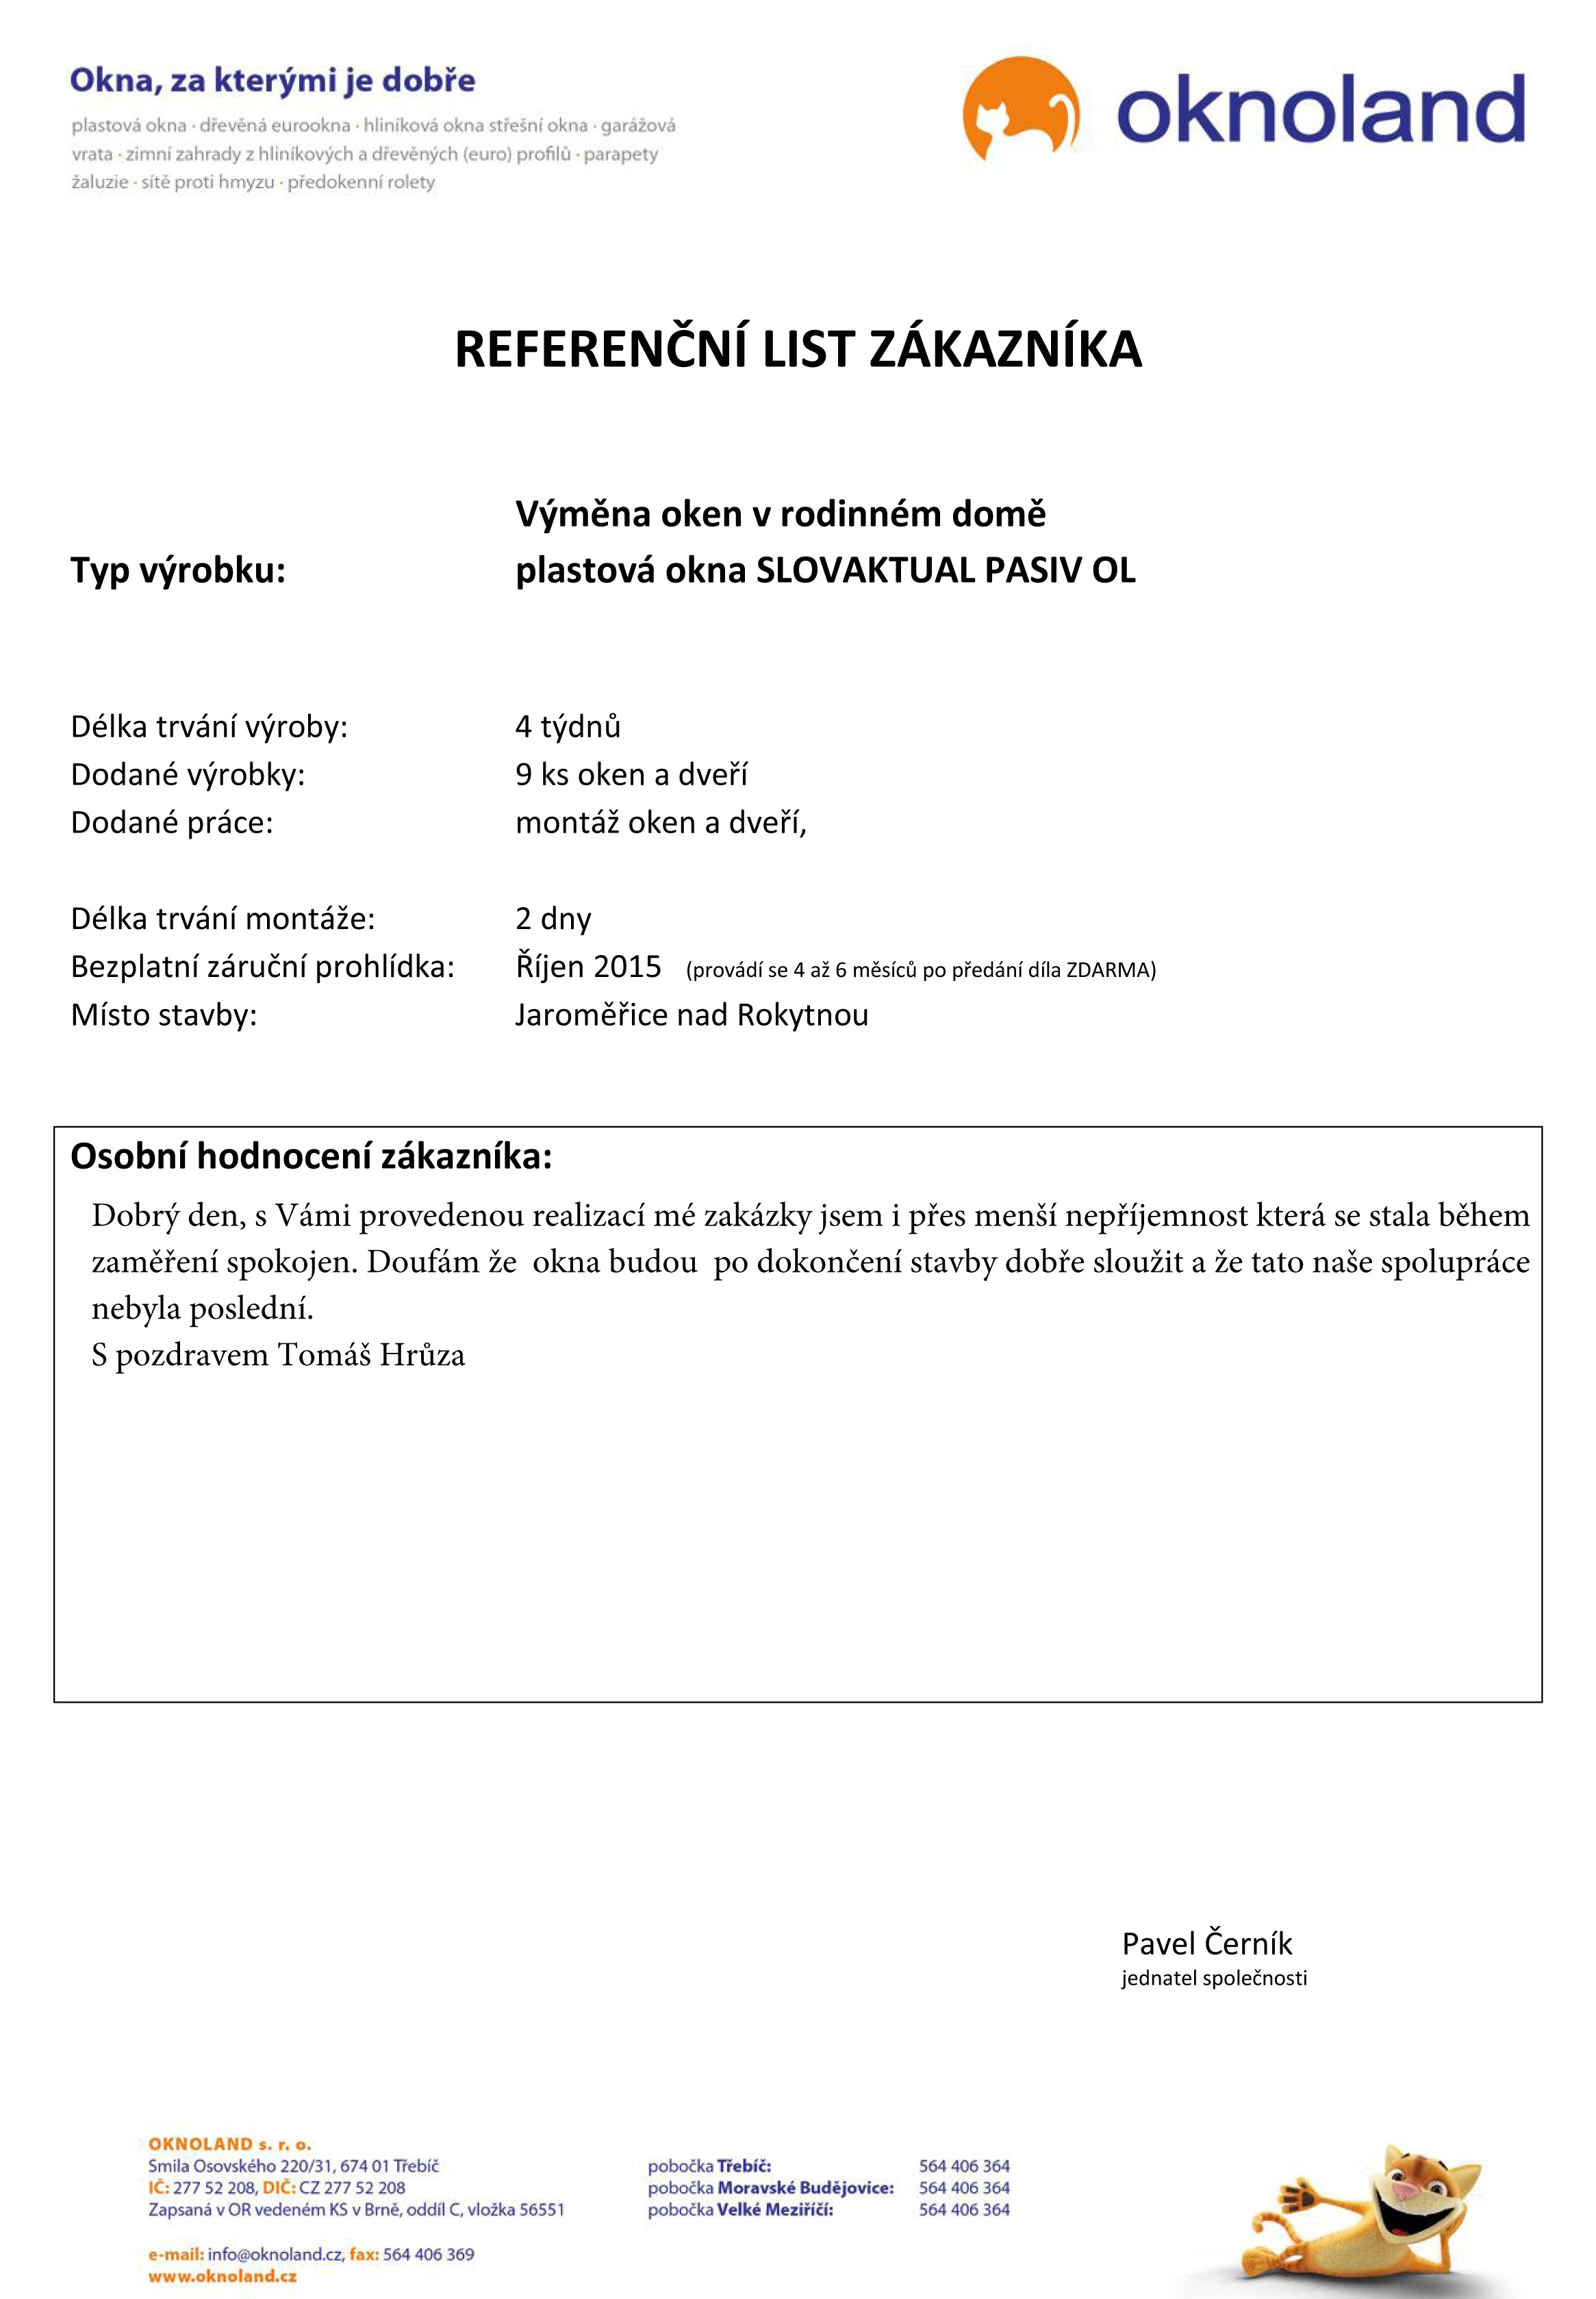 referenční list - vzor - hlavičkový papír